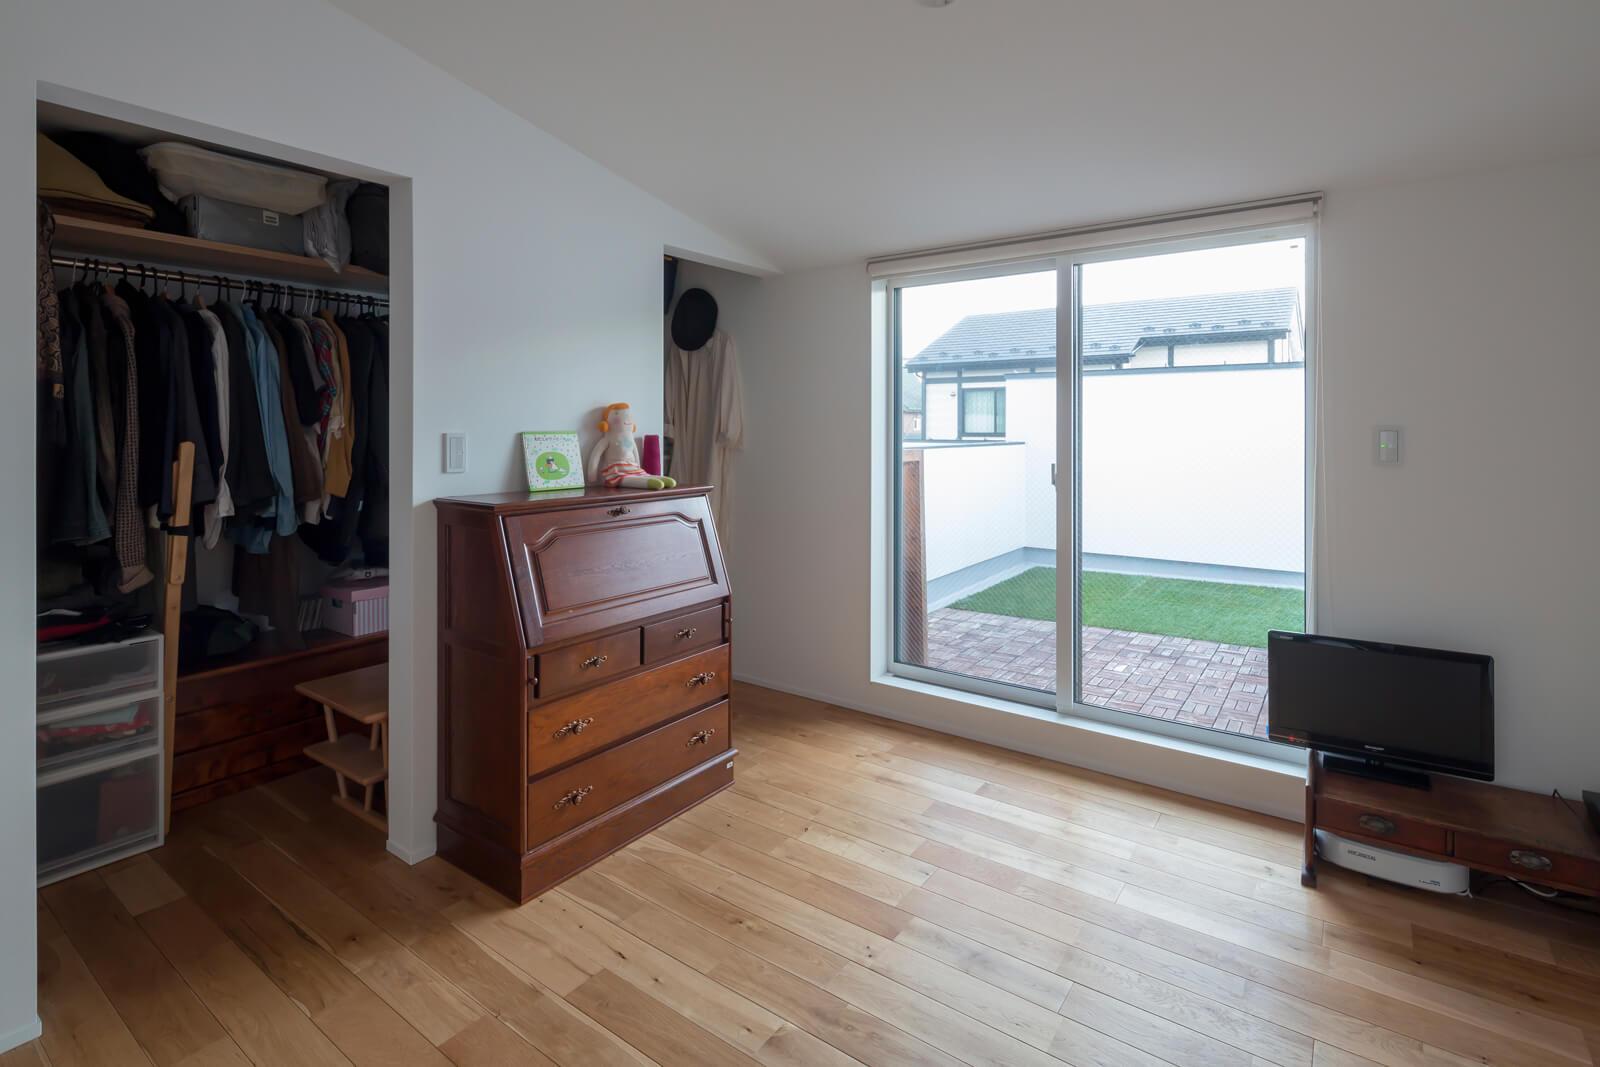 ウォークスルーのクローゼットを設けた子世帯主寝室。ワイドバルコニーはアウトドアリビングとしても活用中